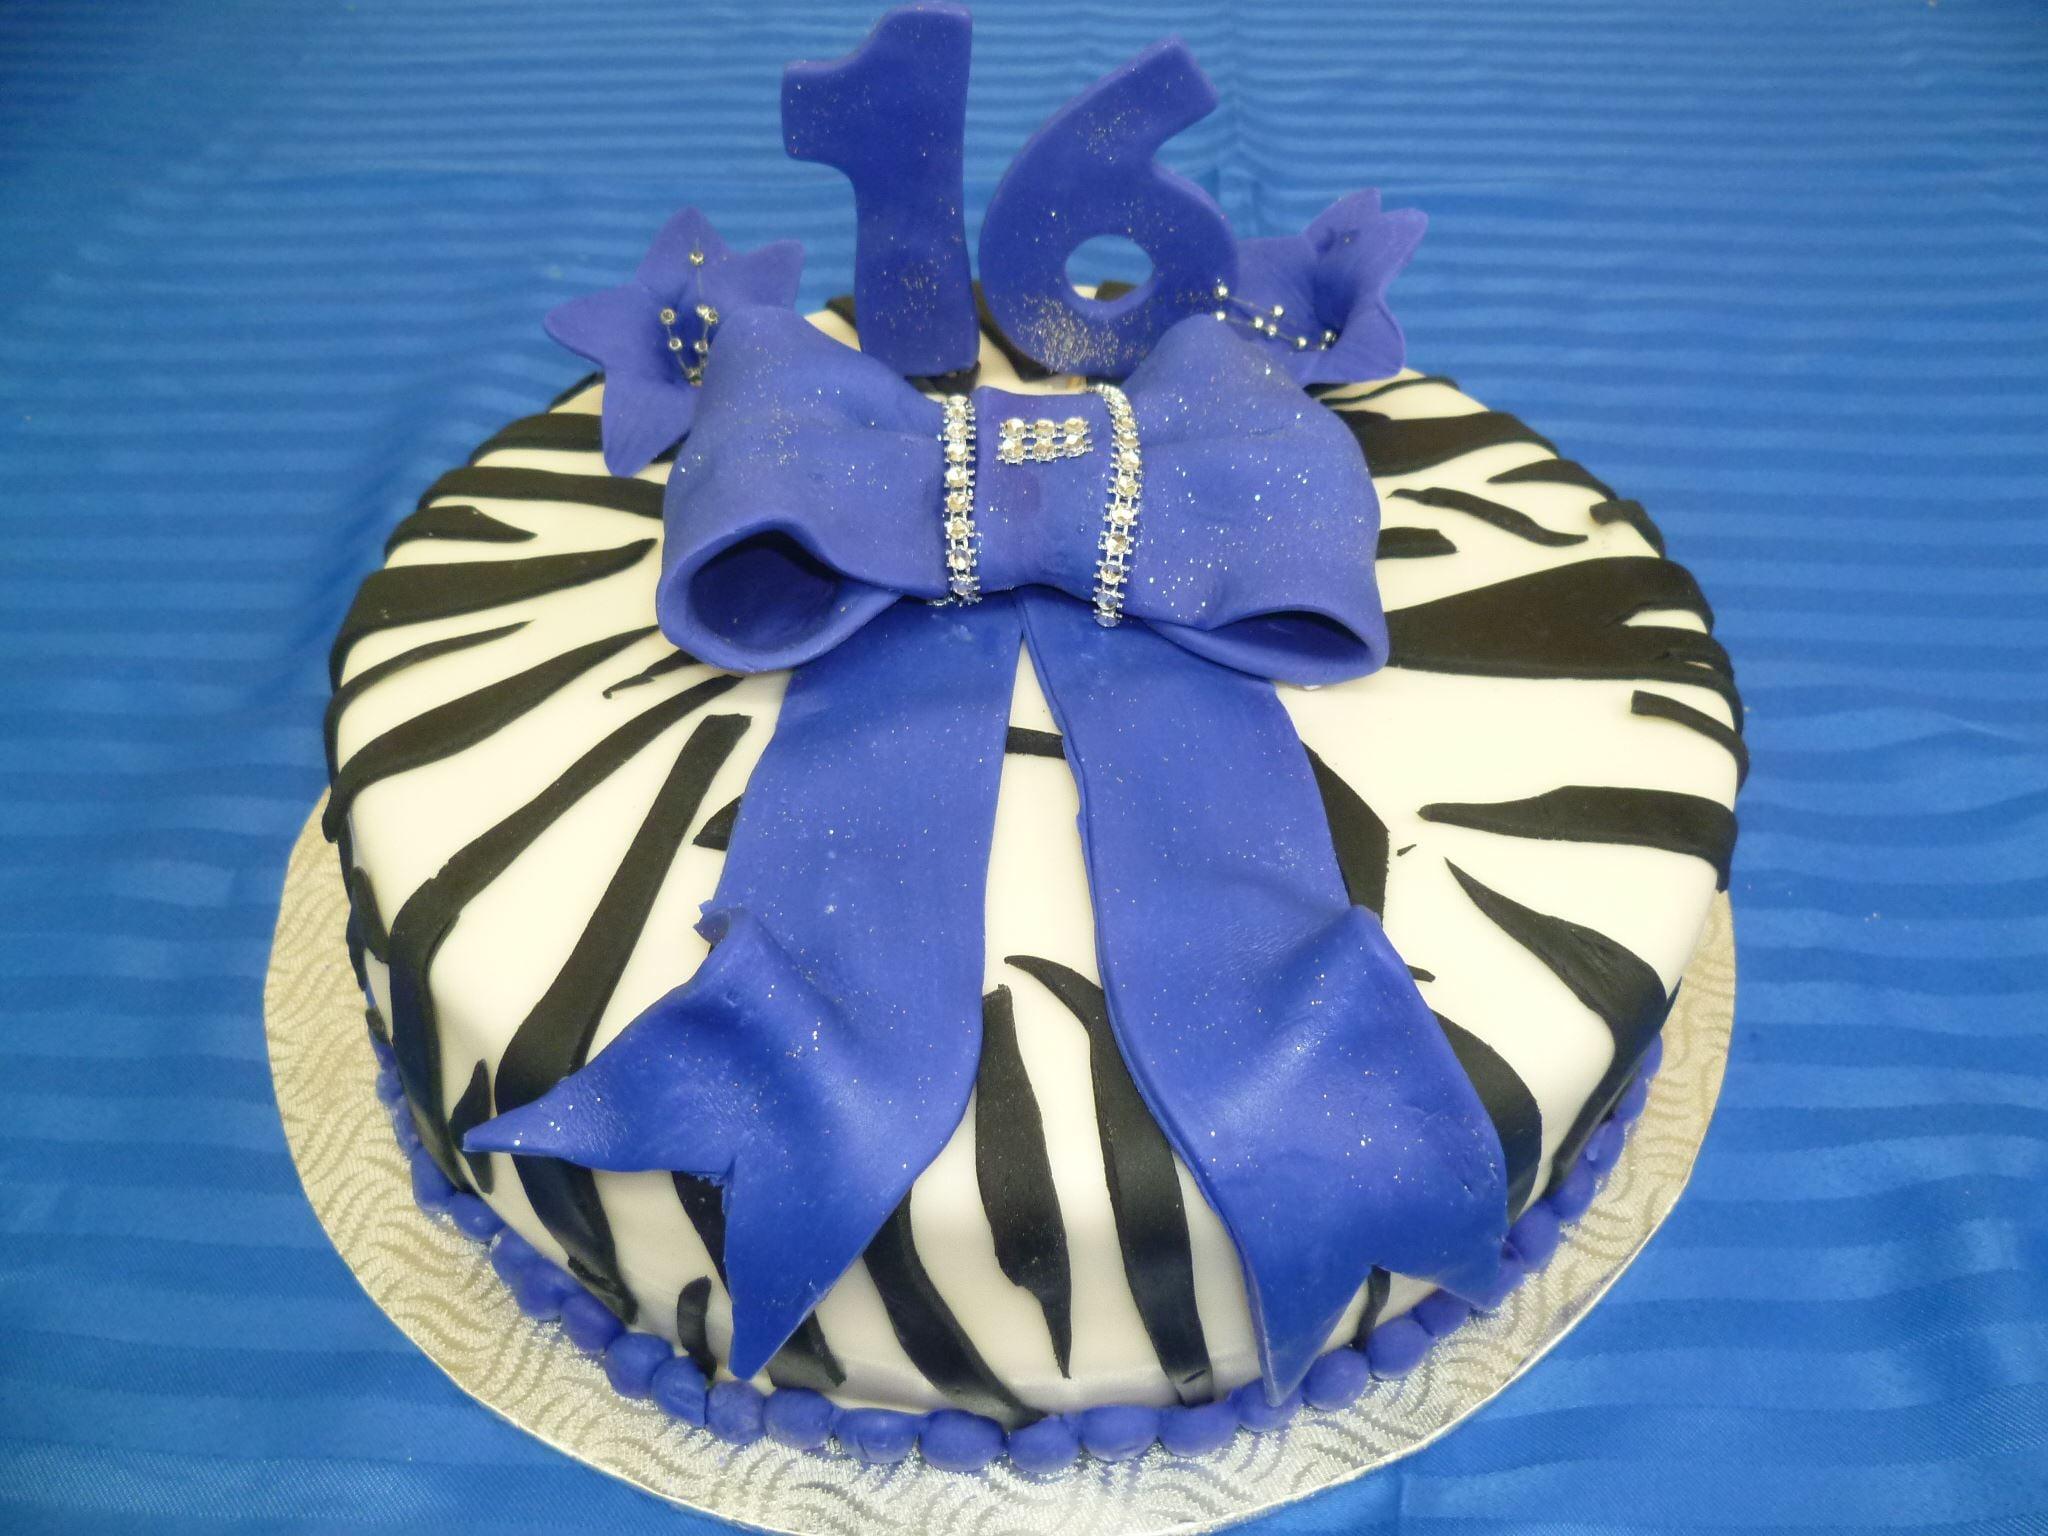 Gâteau d'anniversaire rond au fondant 03